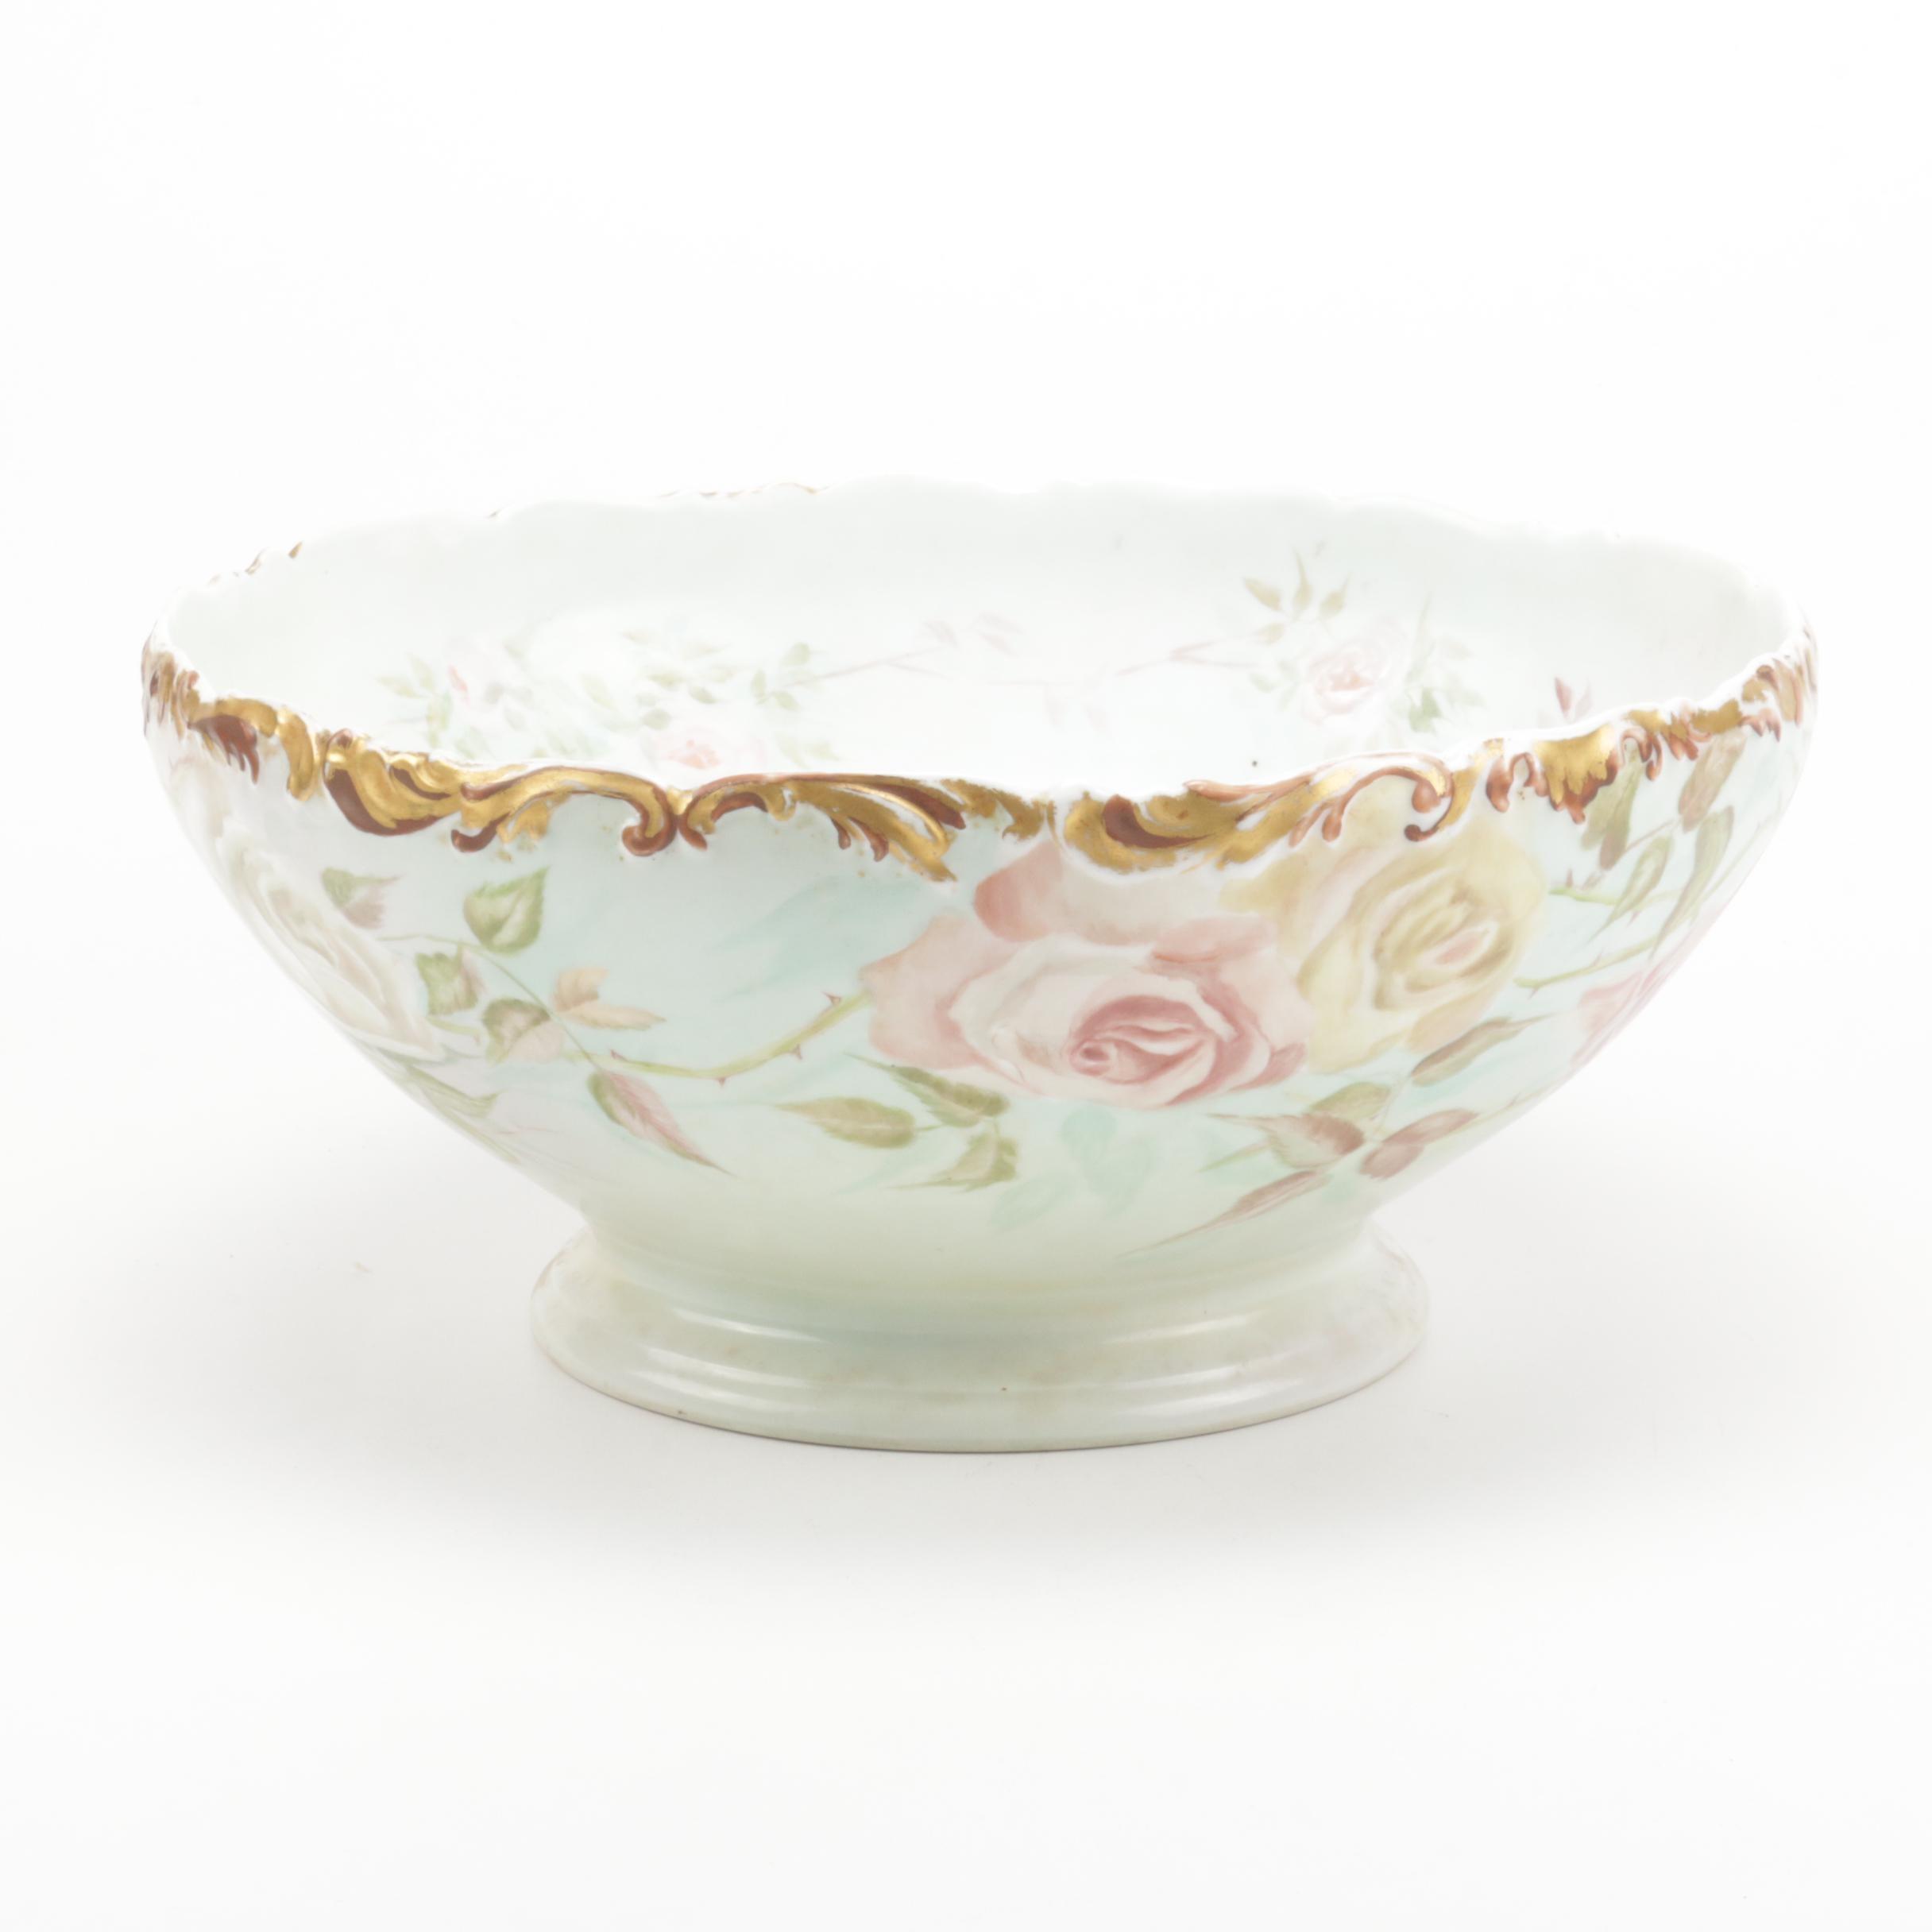 T & V Hand Painted Porcelain Centerpiece Bowl